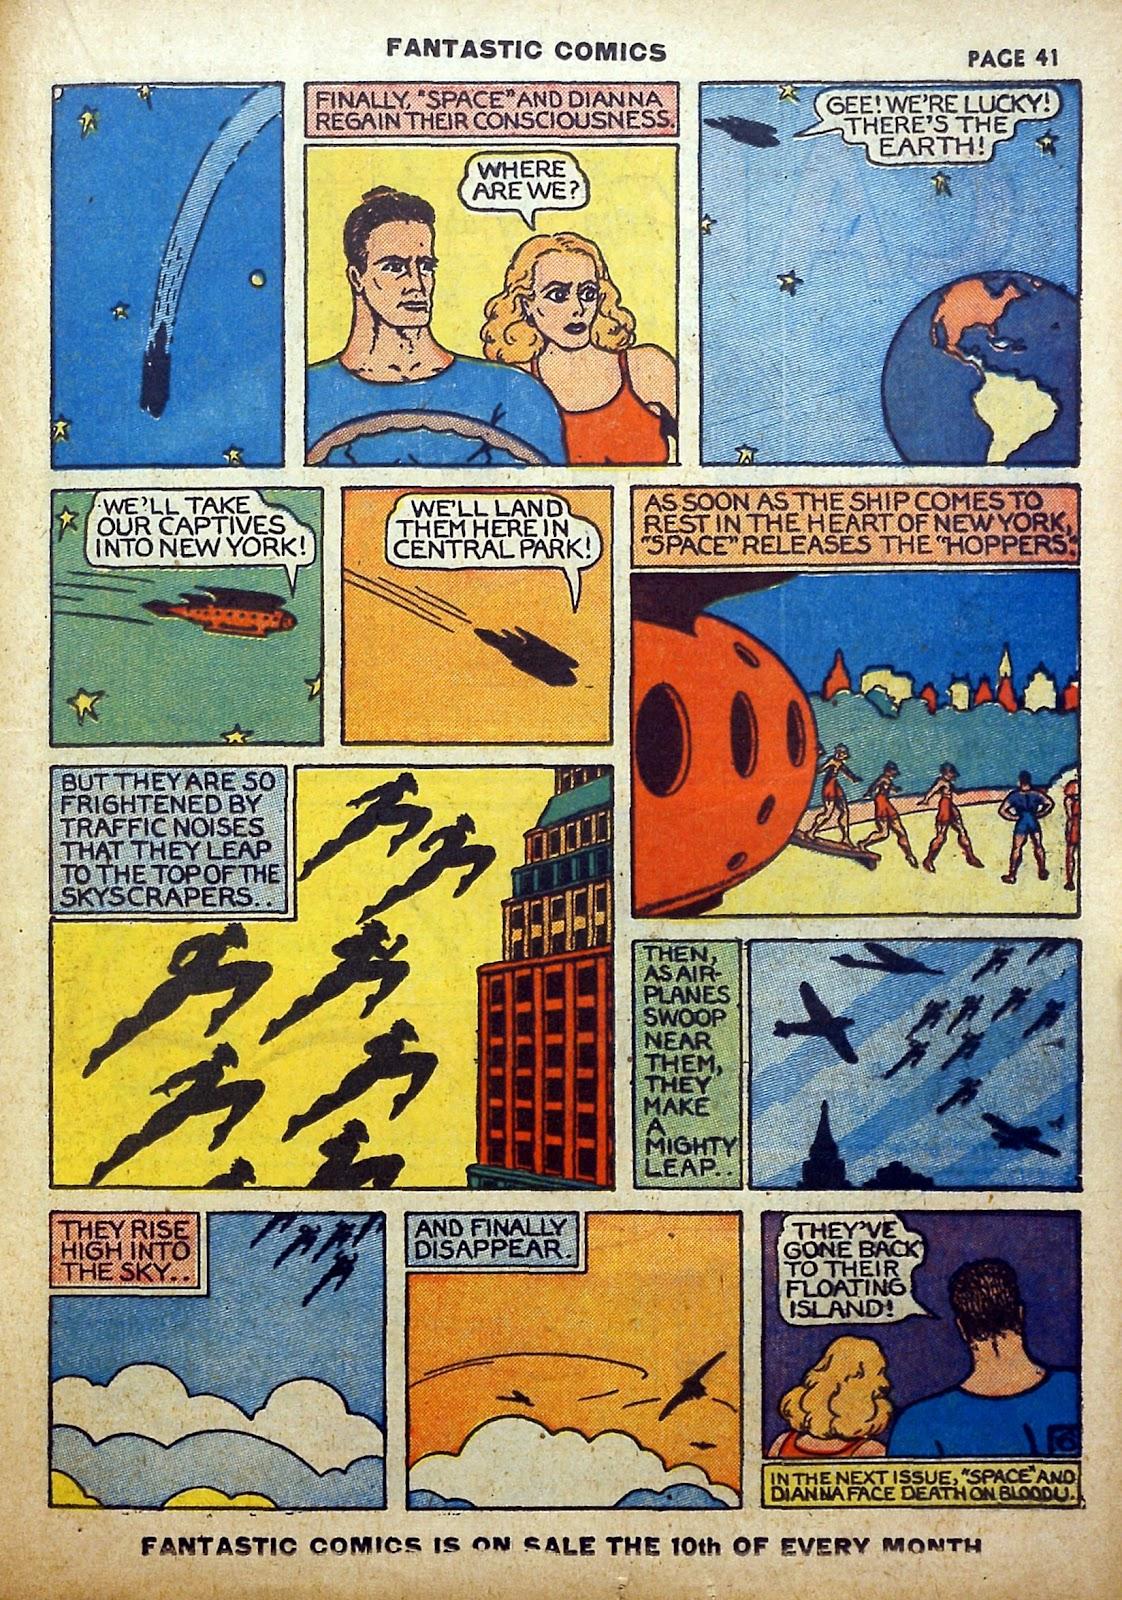 Read online Fantastic Comics comic -  Issue #5 - 42